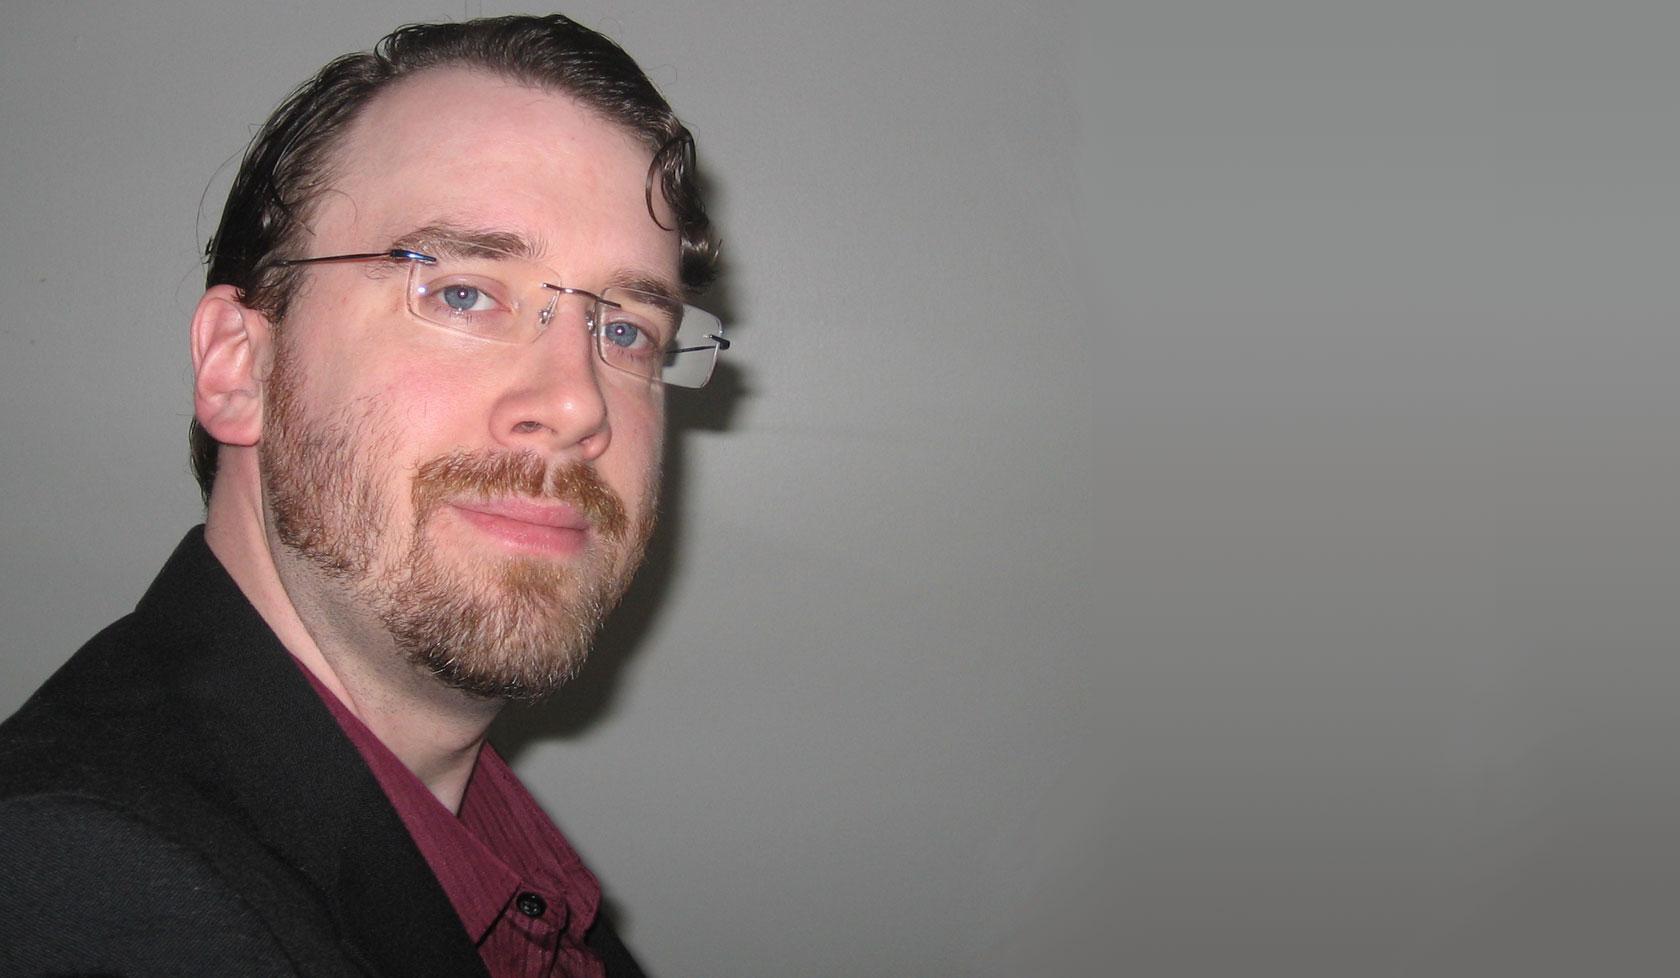 Joshua Loomis